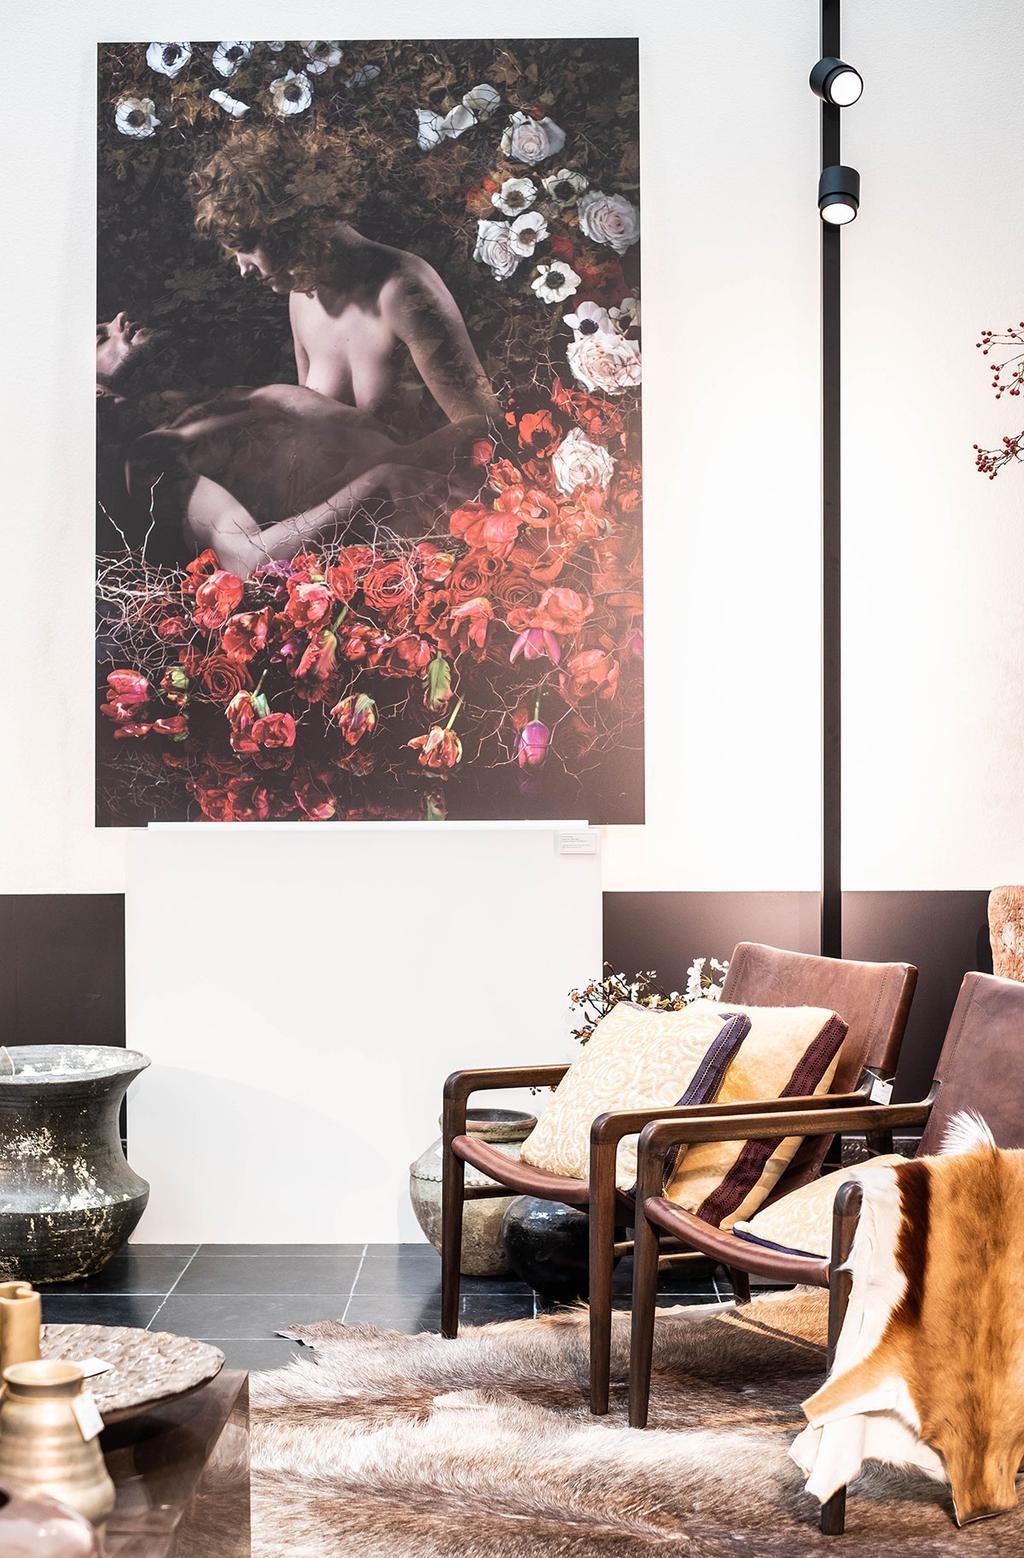 Enkele mooie stoelen staan in een witte ruimte met een schilderij met bloemen aan de muur.